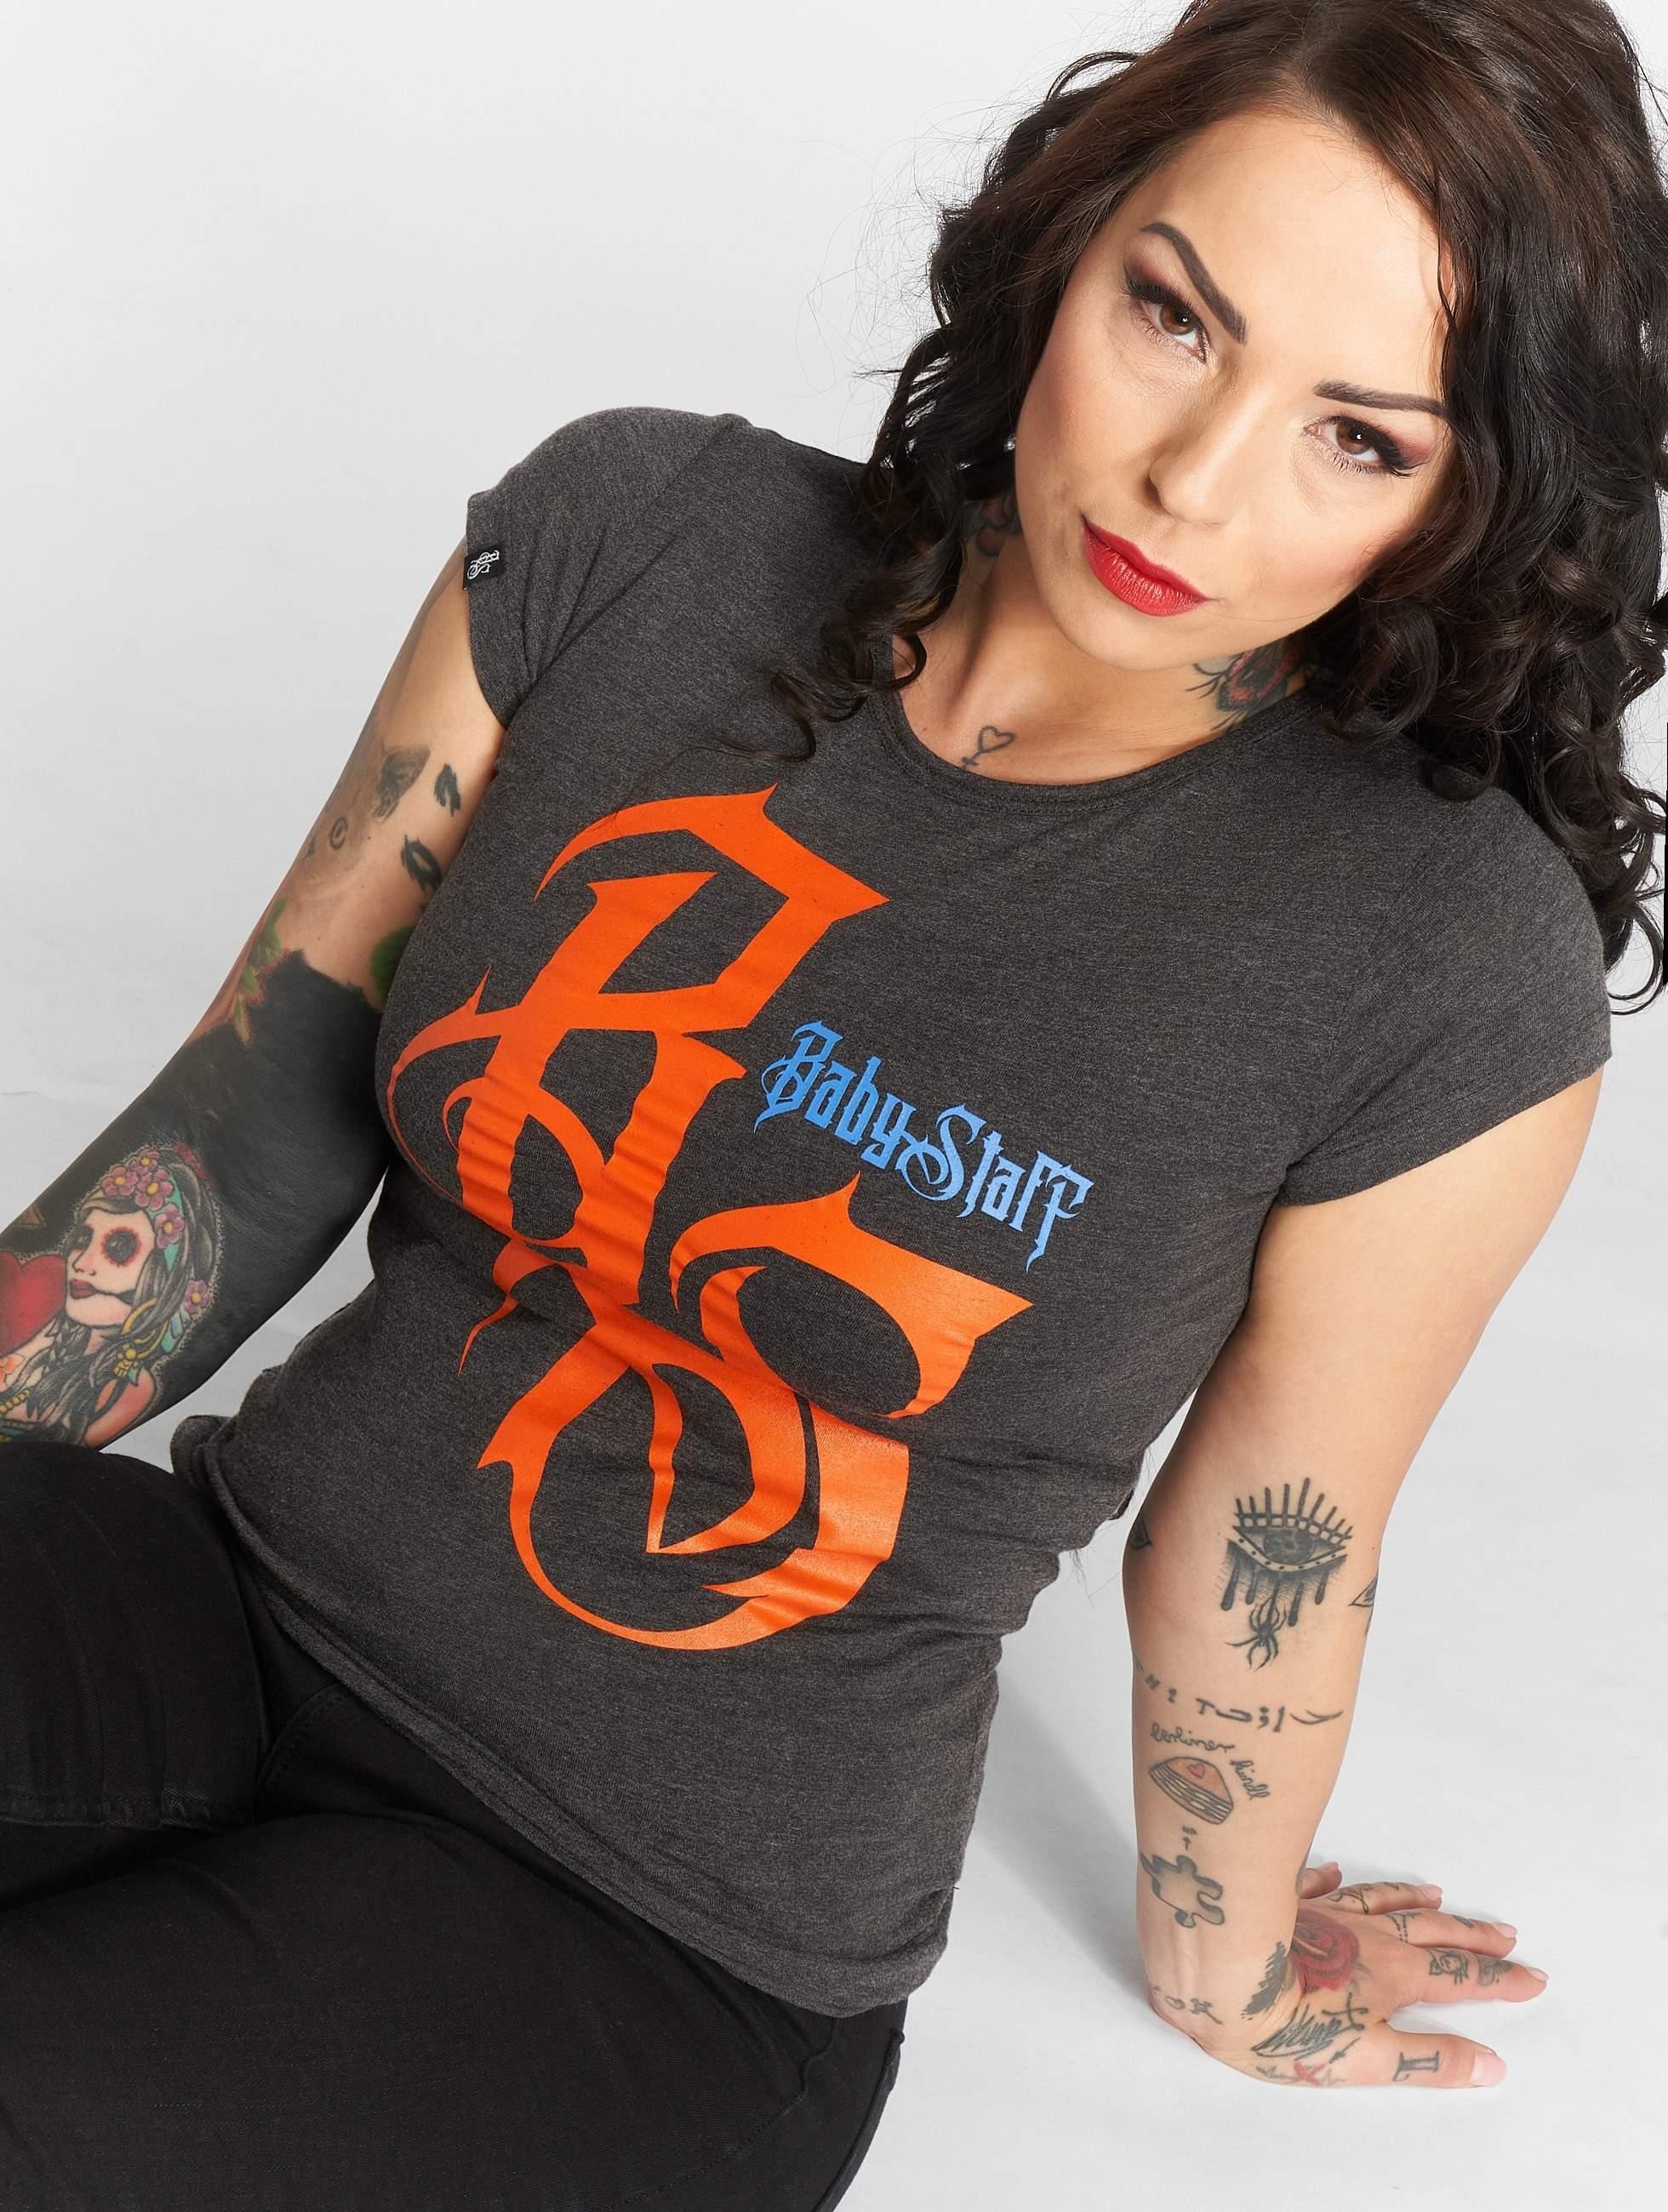 Babystaff   Nukop  gris Femme T-Shirt